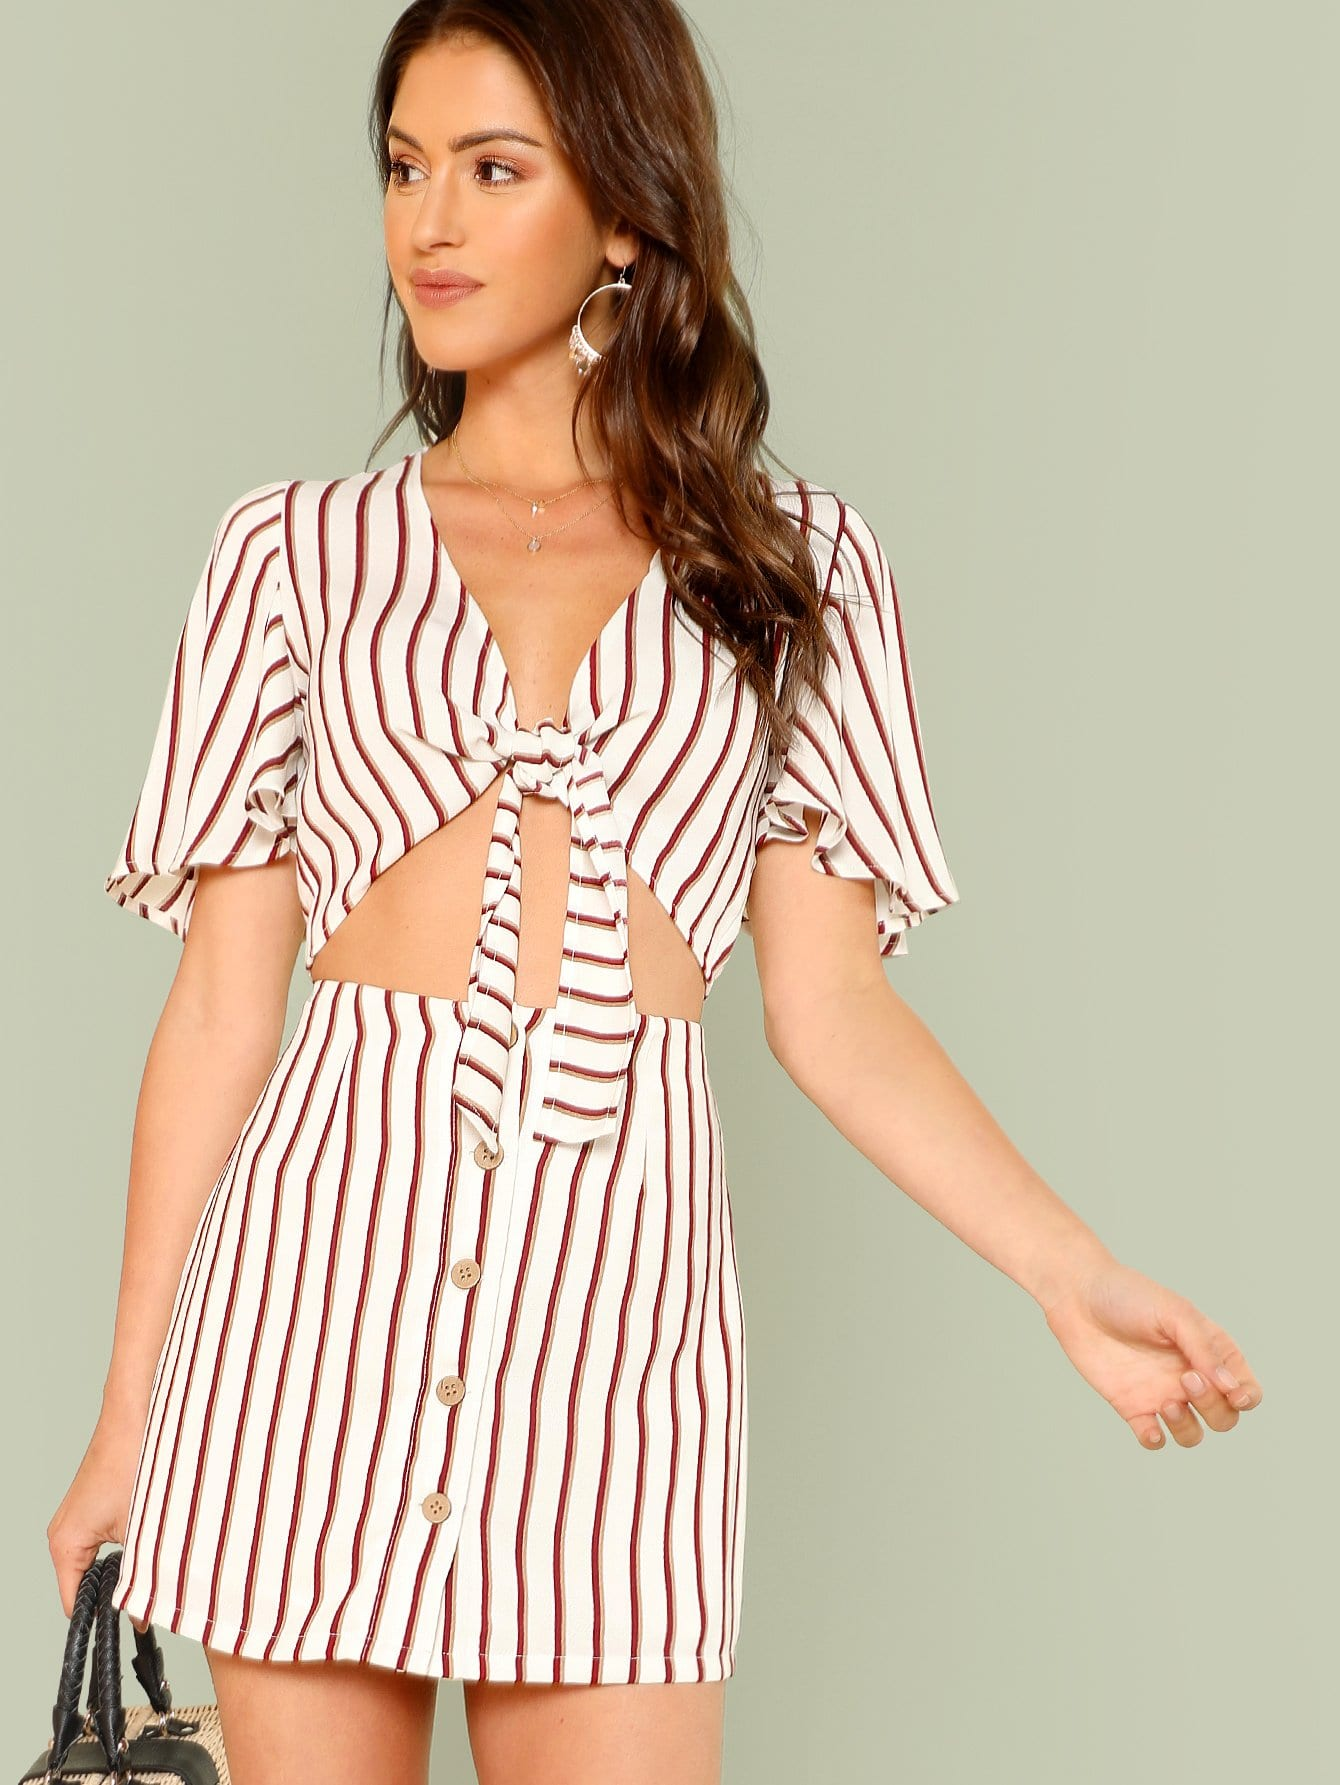 Knot Front Flutter Sleeve Crop Top & Skirt Set flutter sleeve twist front top and wide waist shorts set